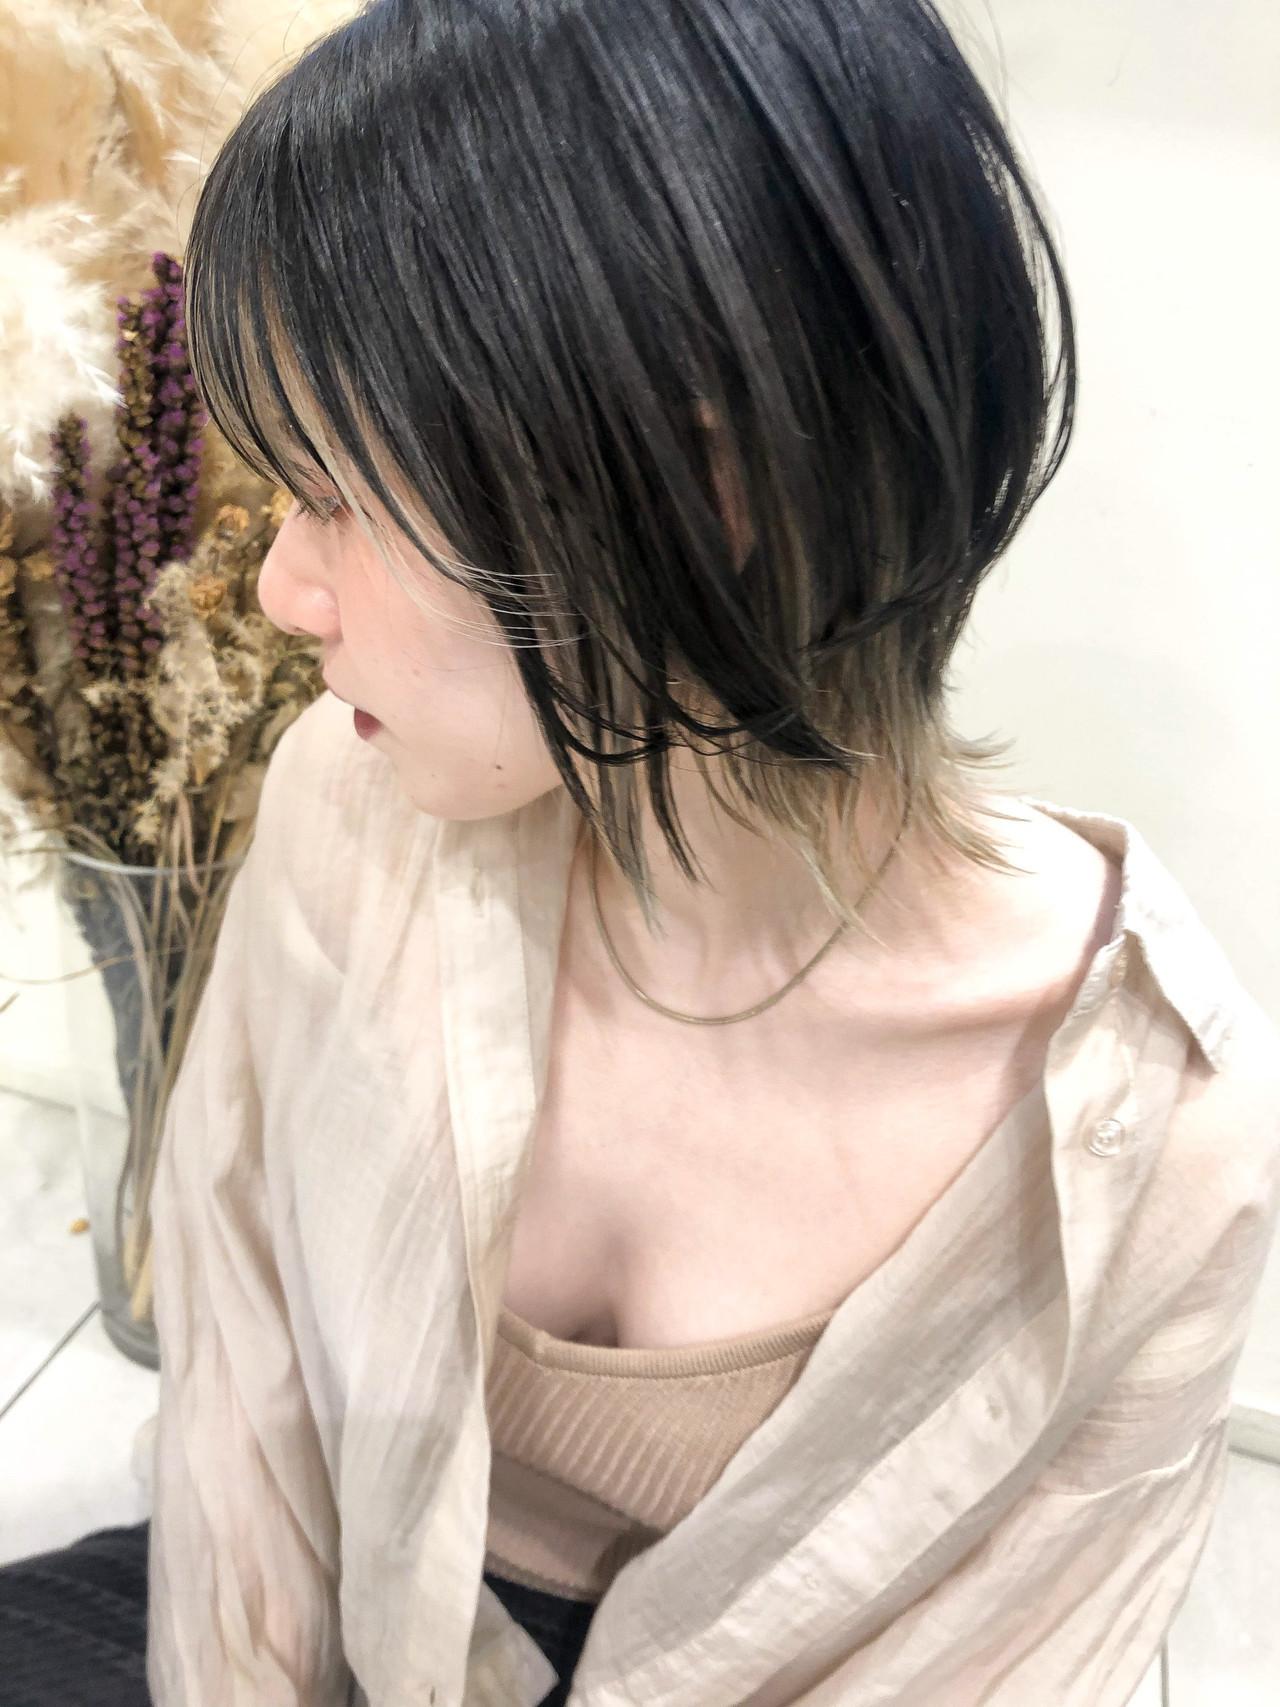 アンニュイほつれヘア ショート ウルフカット ネオウルフ ヘアスタイルや髪型の写真・画像